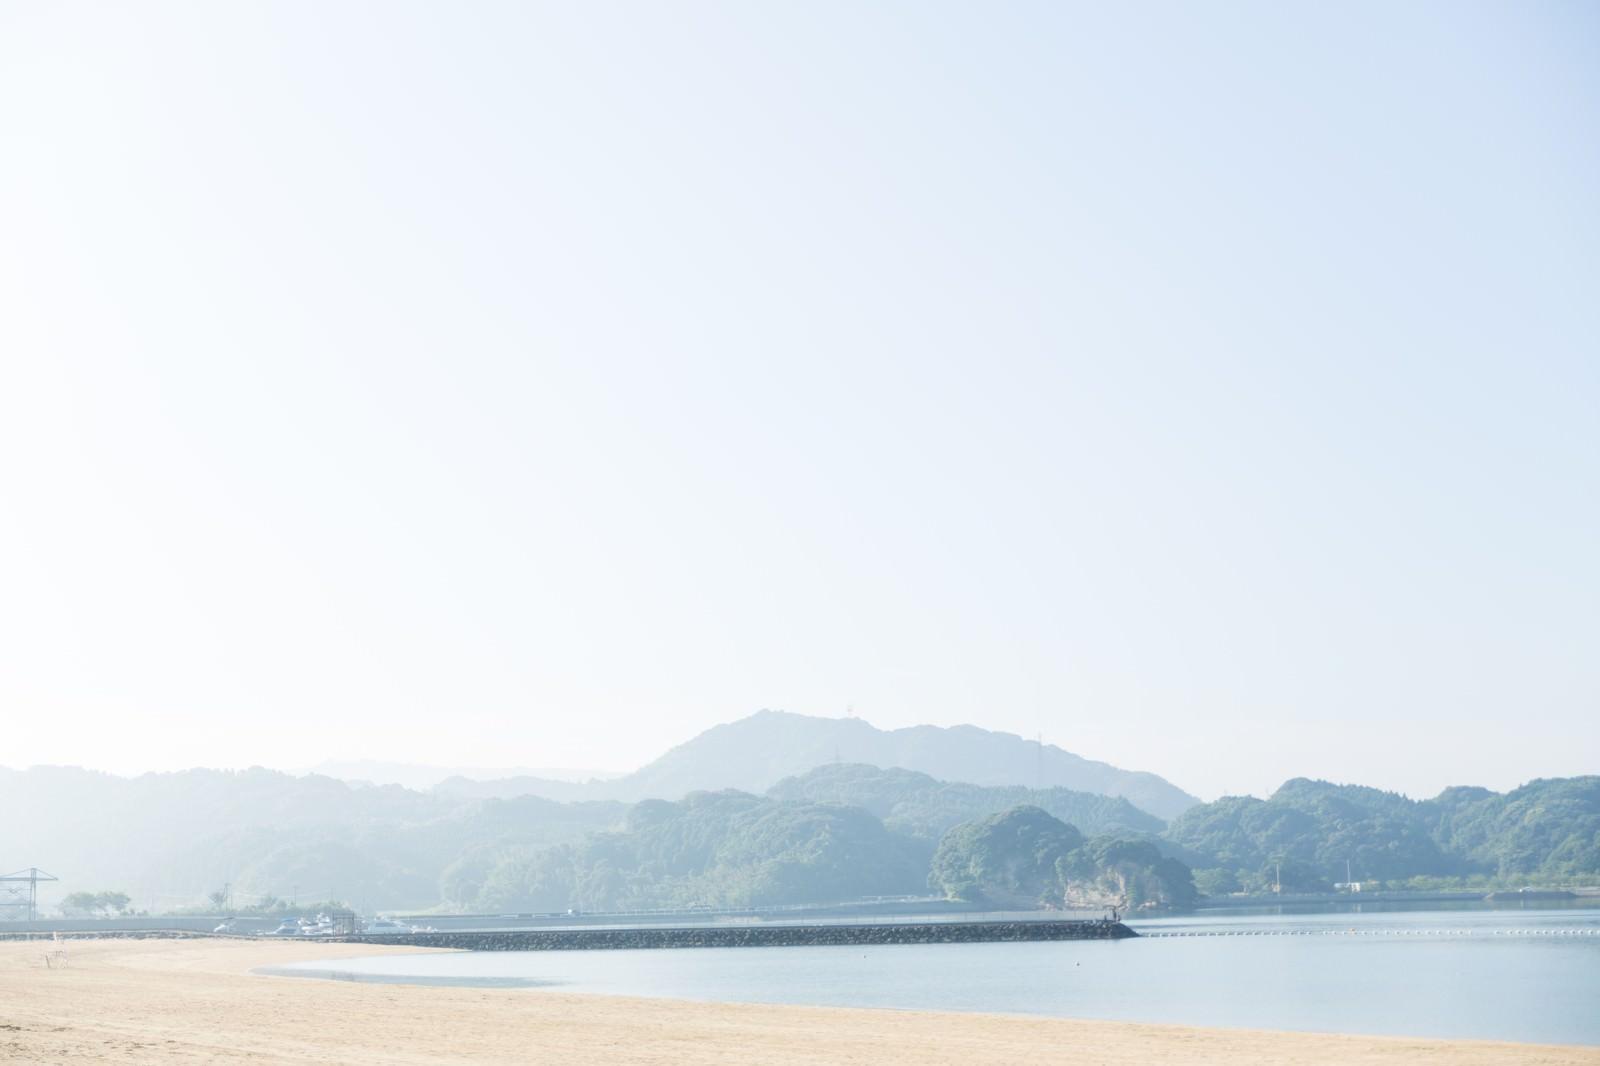 「静かな人工海浜公園「イマリンビーチ」」の写真